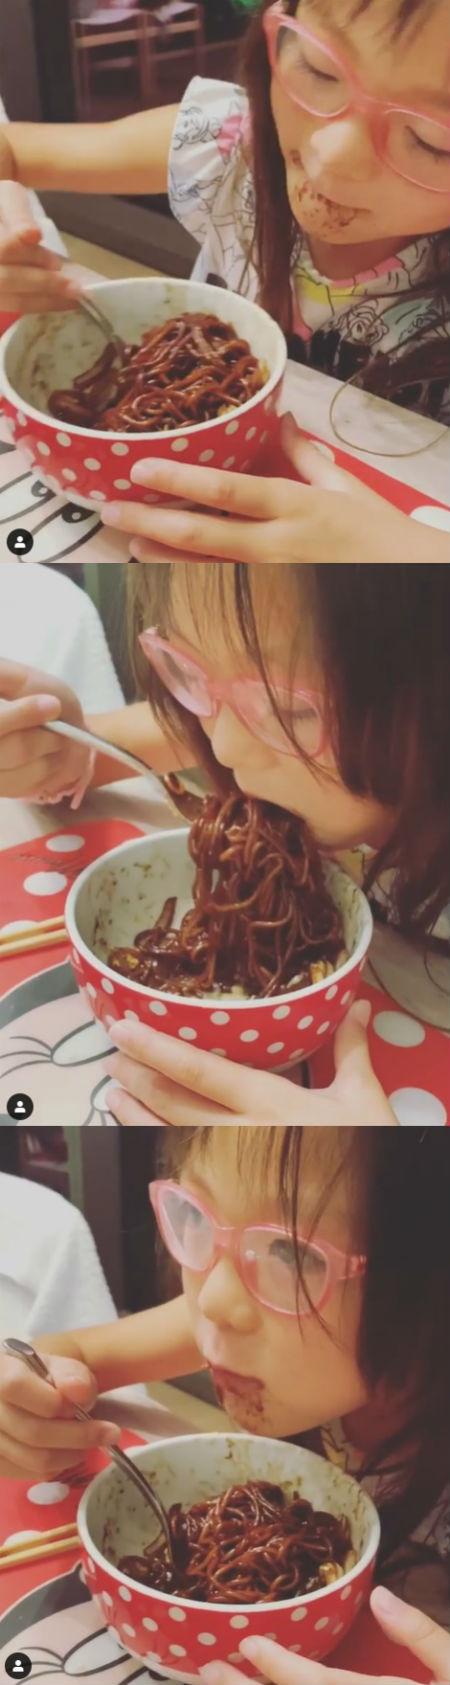 秋山成勲の娘サランちゃん、ジャージャー麺を爆食い「フードファイターです」